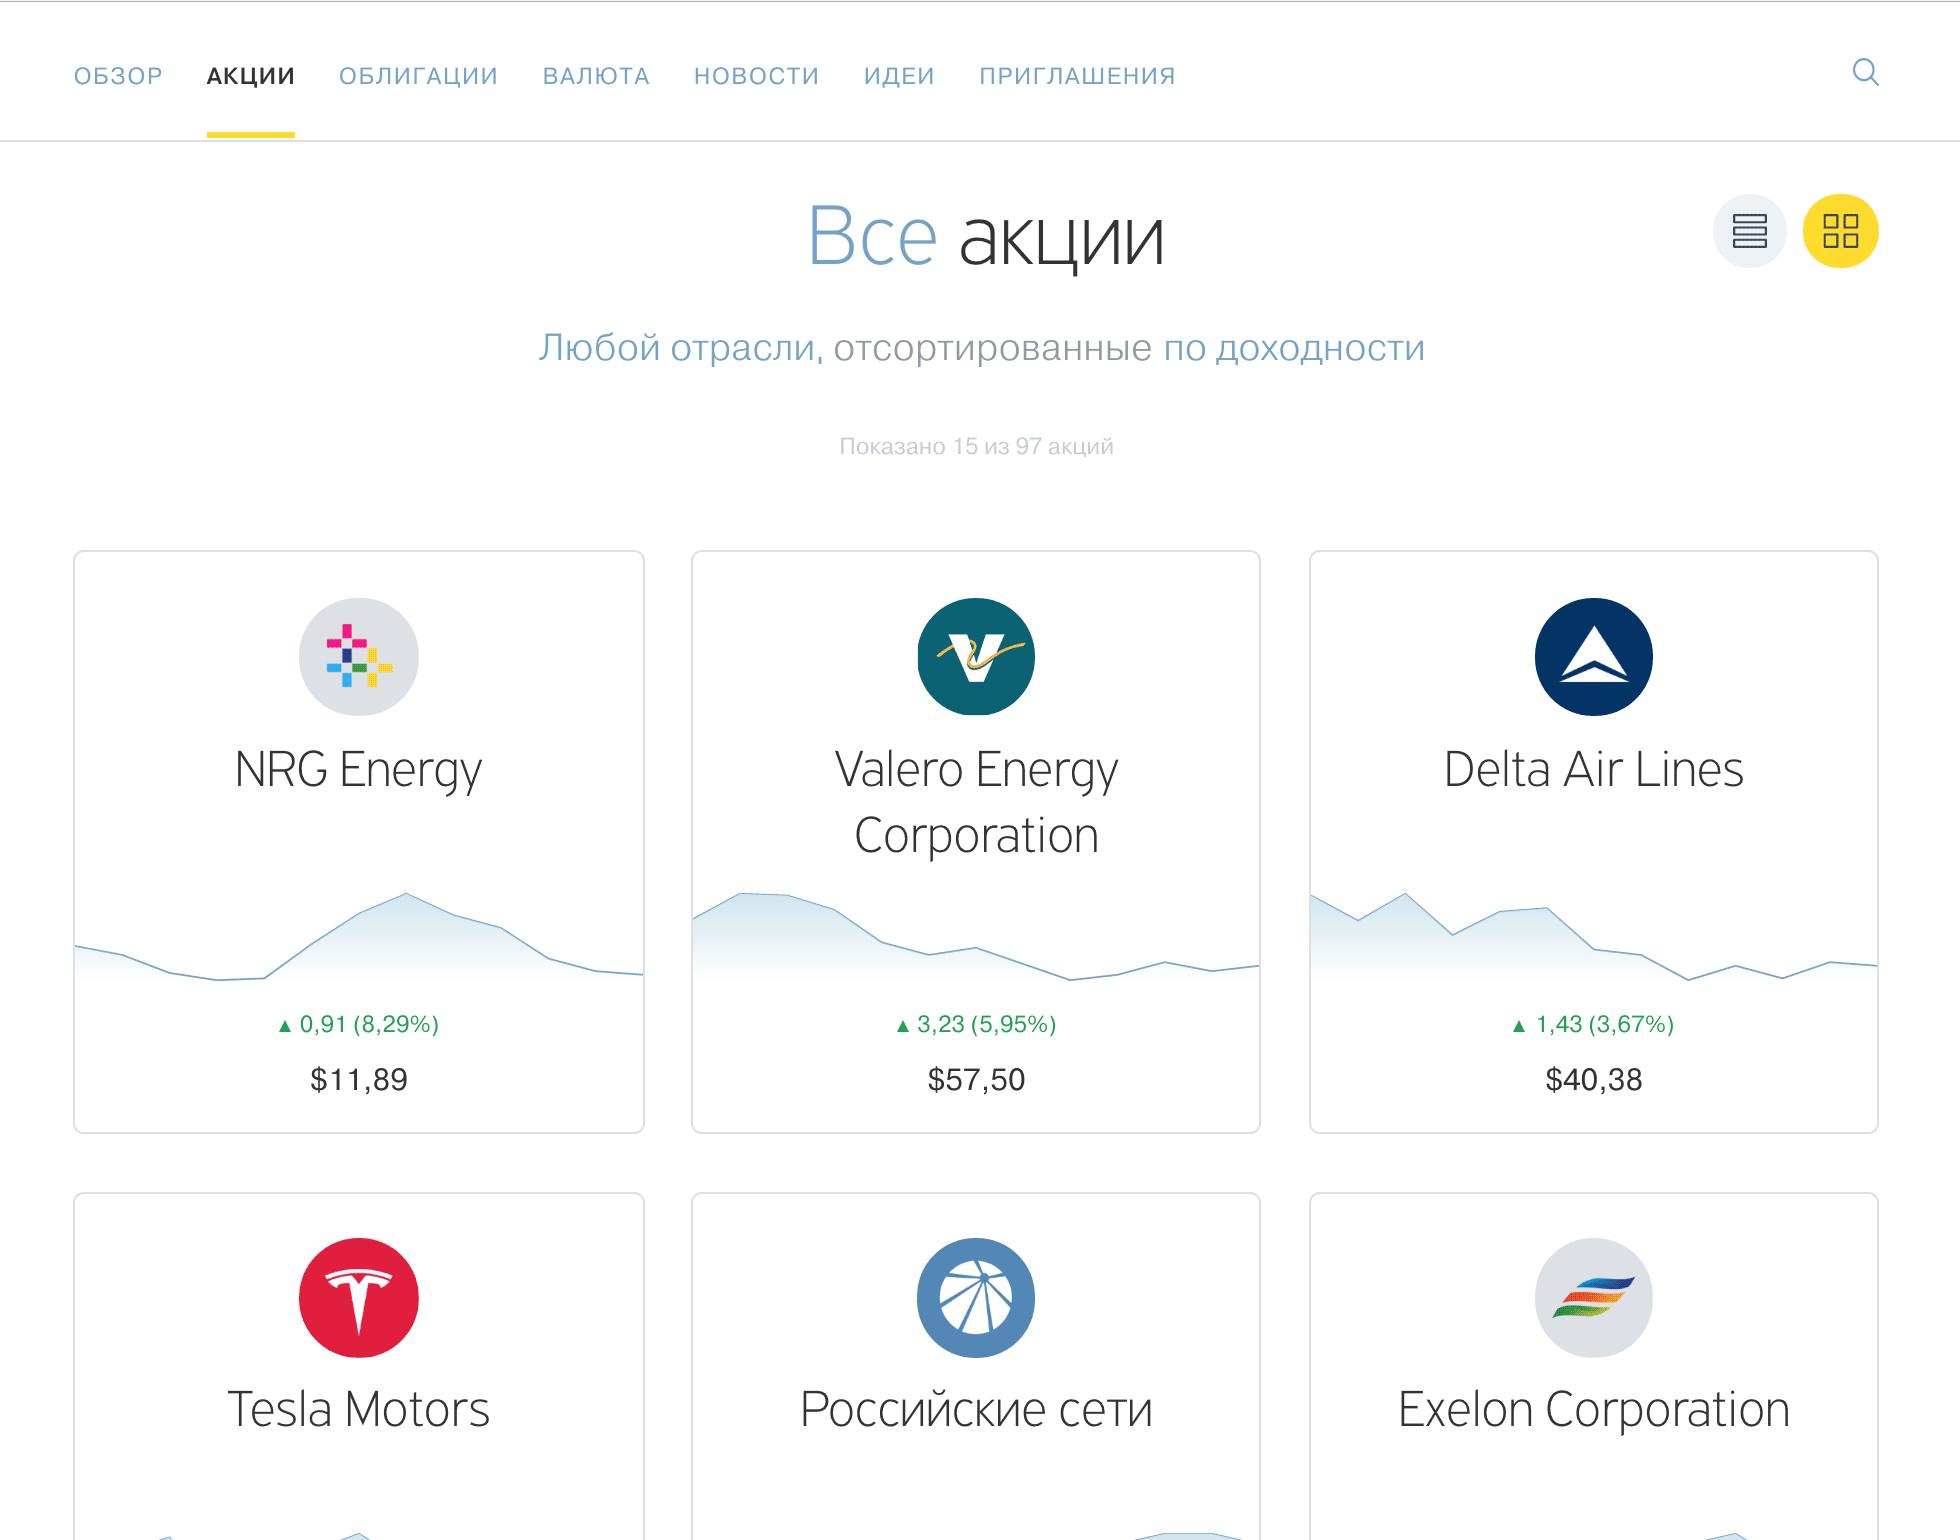 Акции, которые можно купить в Тинькофф-инвестициях